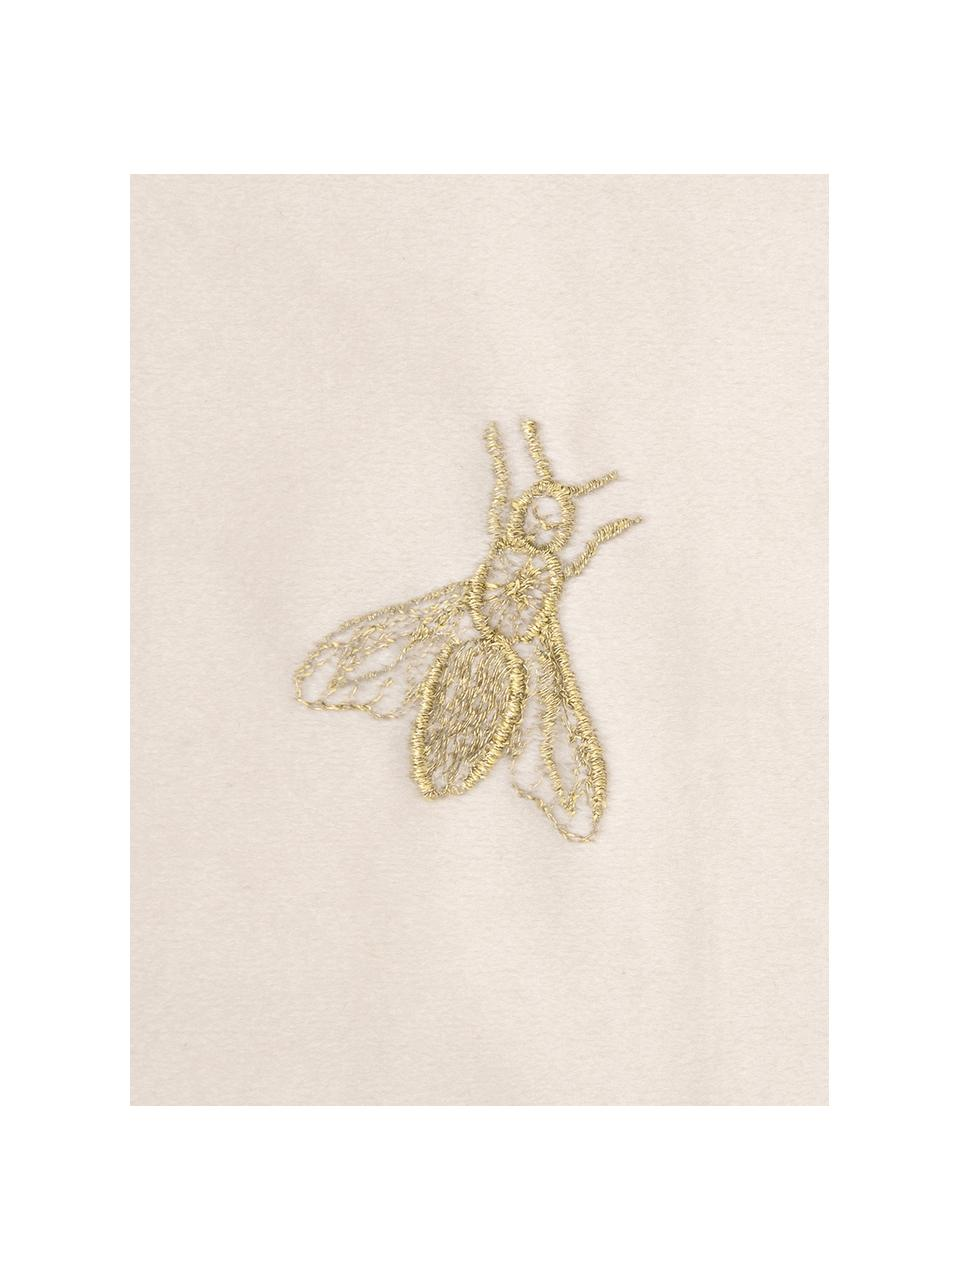 Geborduurde fluwelen kussenhoes Nora in beige/goudkleur, 100% polyester fluweel, Beige, 45 x 45 cm